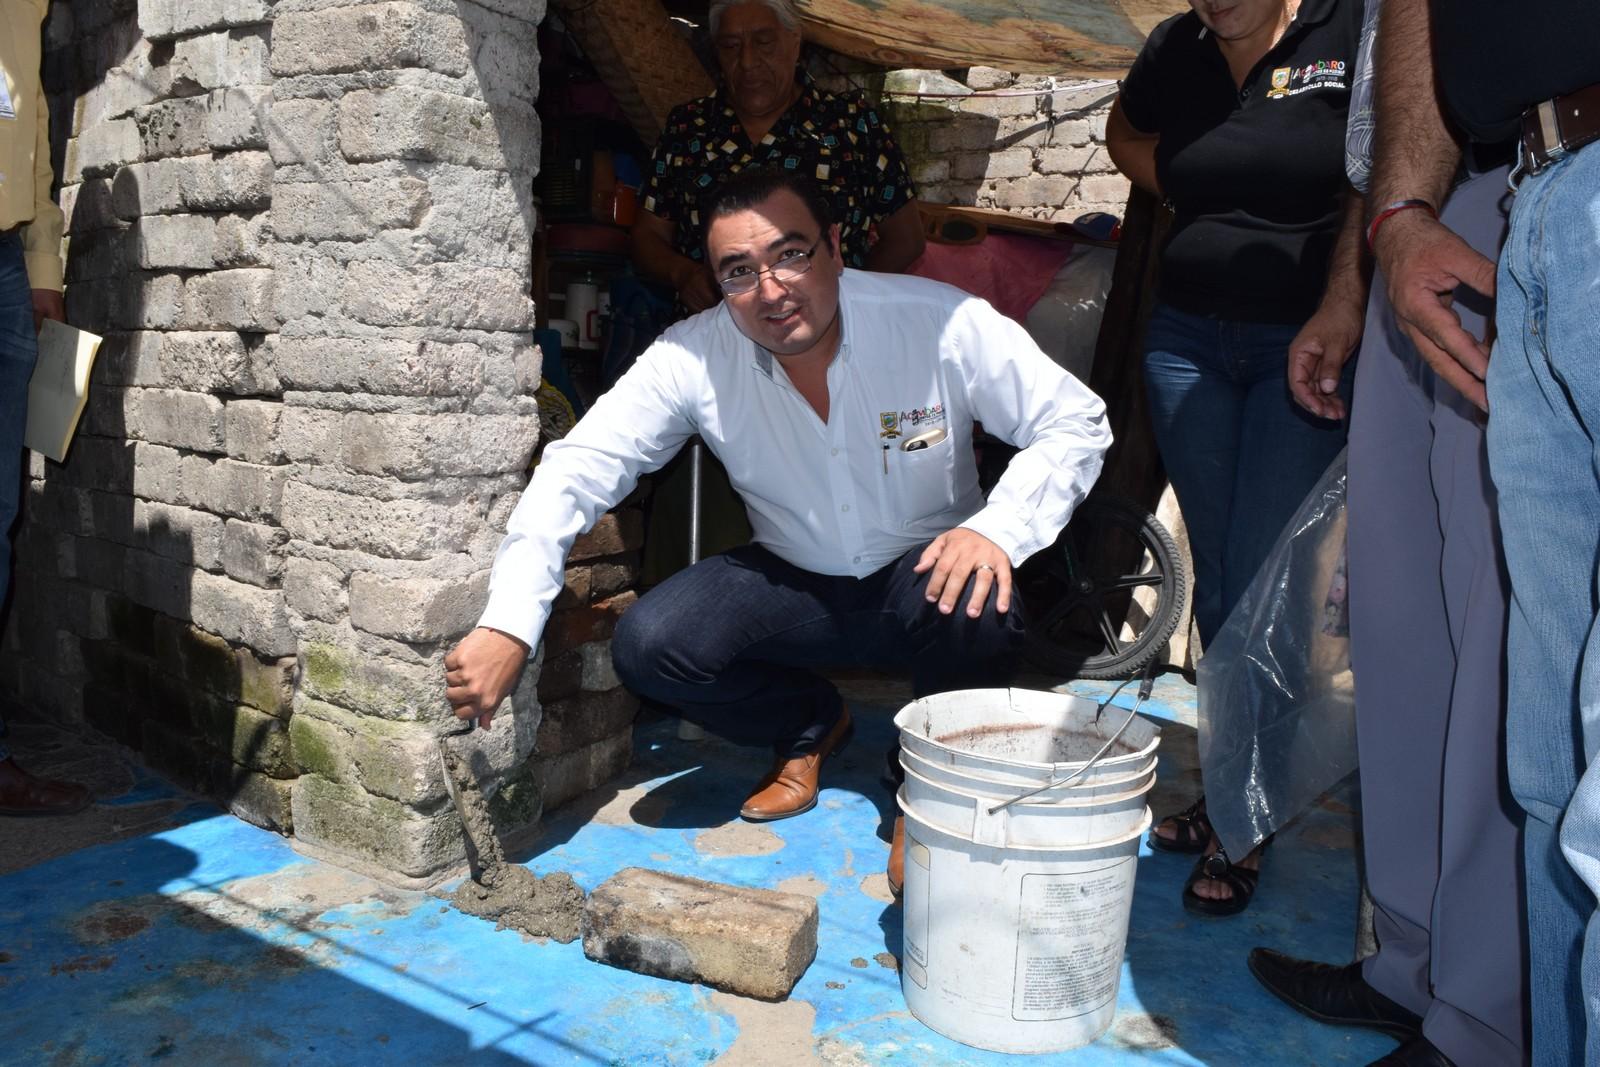 Alcántar Saucedo destacó que la construcción de estos 60 cuartos gracias una inversión federal de 2 millones 634 mil 034.20 pesos, dando atención integral a igual número de familias del municipio, como una medida eficaz para combatir el hacinamiento.